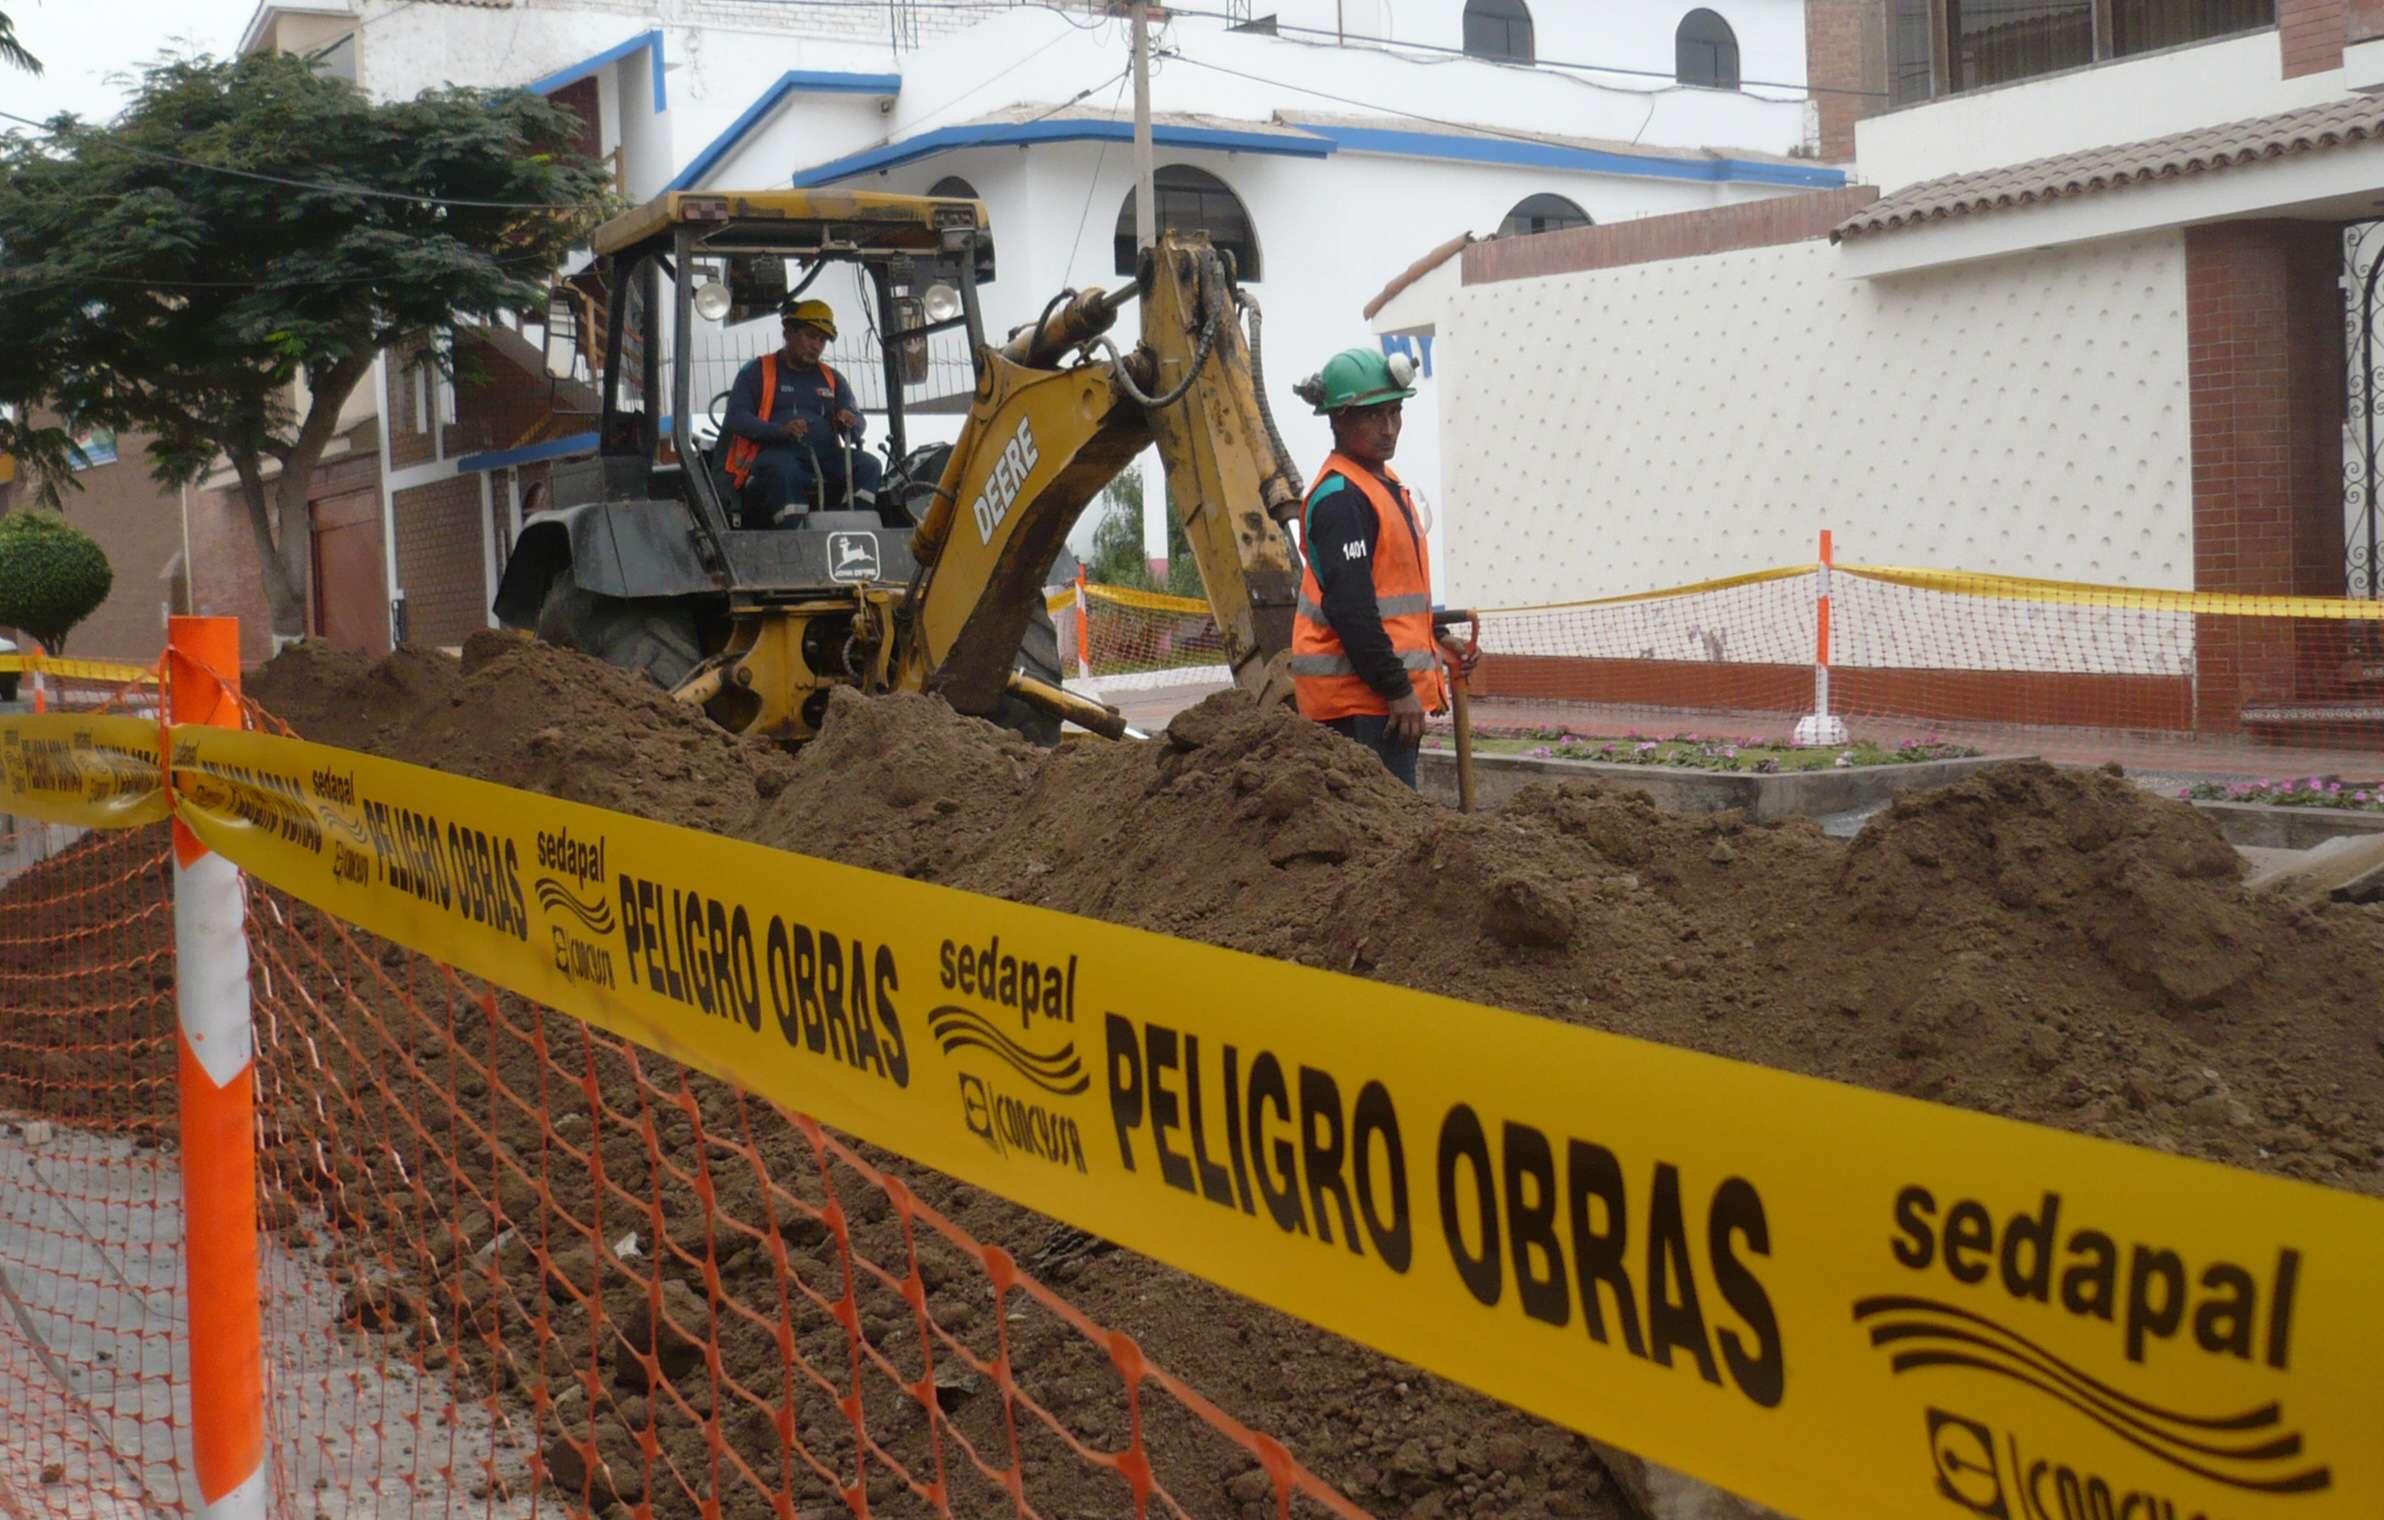 Obras de Sedapal afectará el suministro de agua Foto: Luis Neyra/Terra